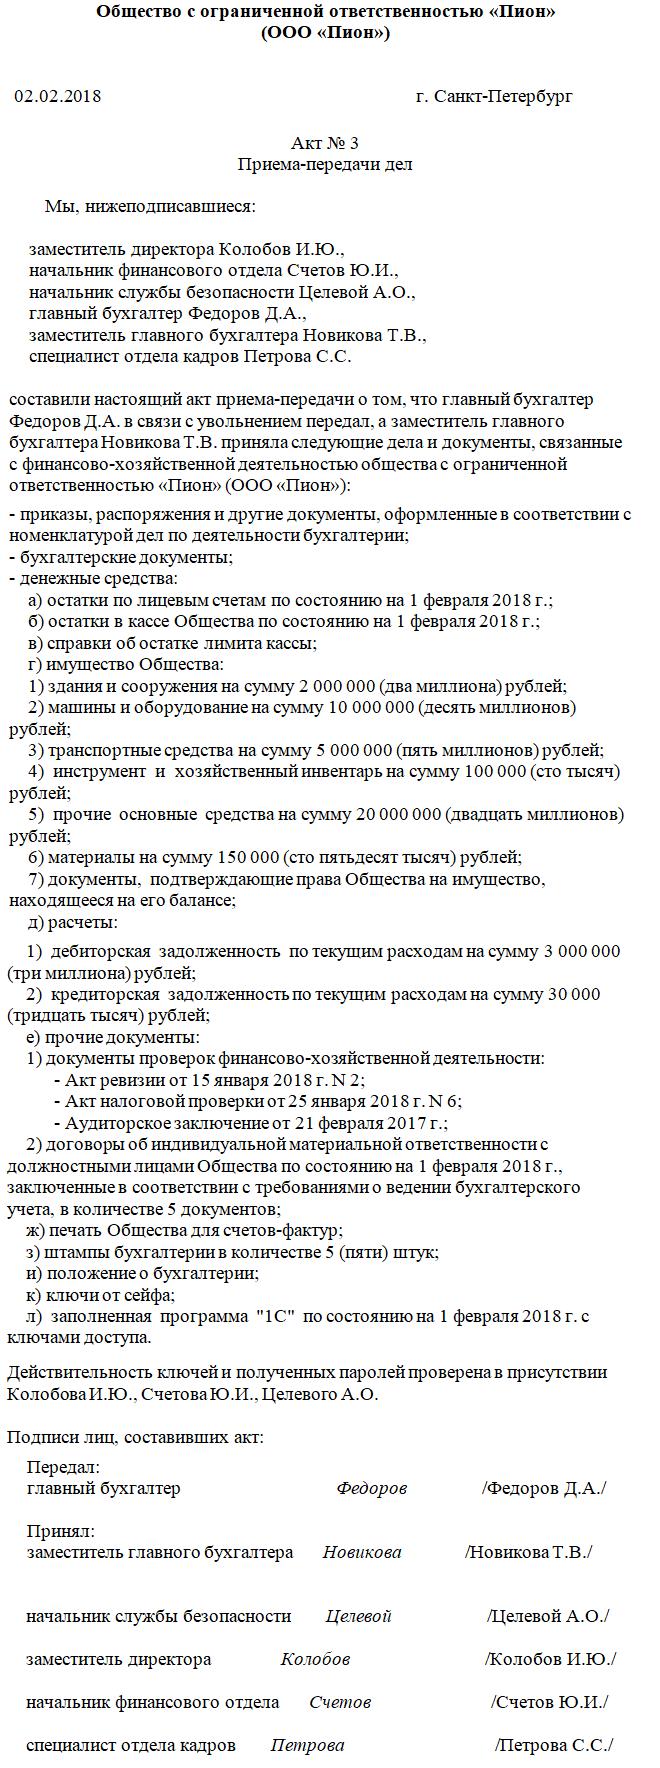 akt-4300020-1081676